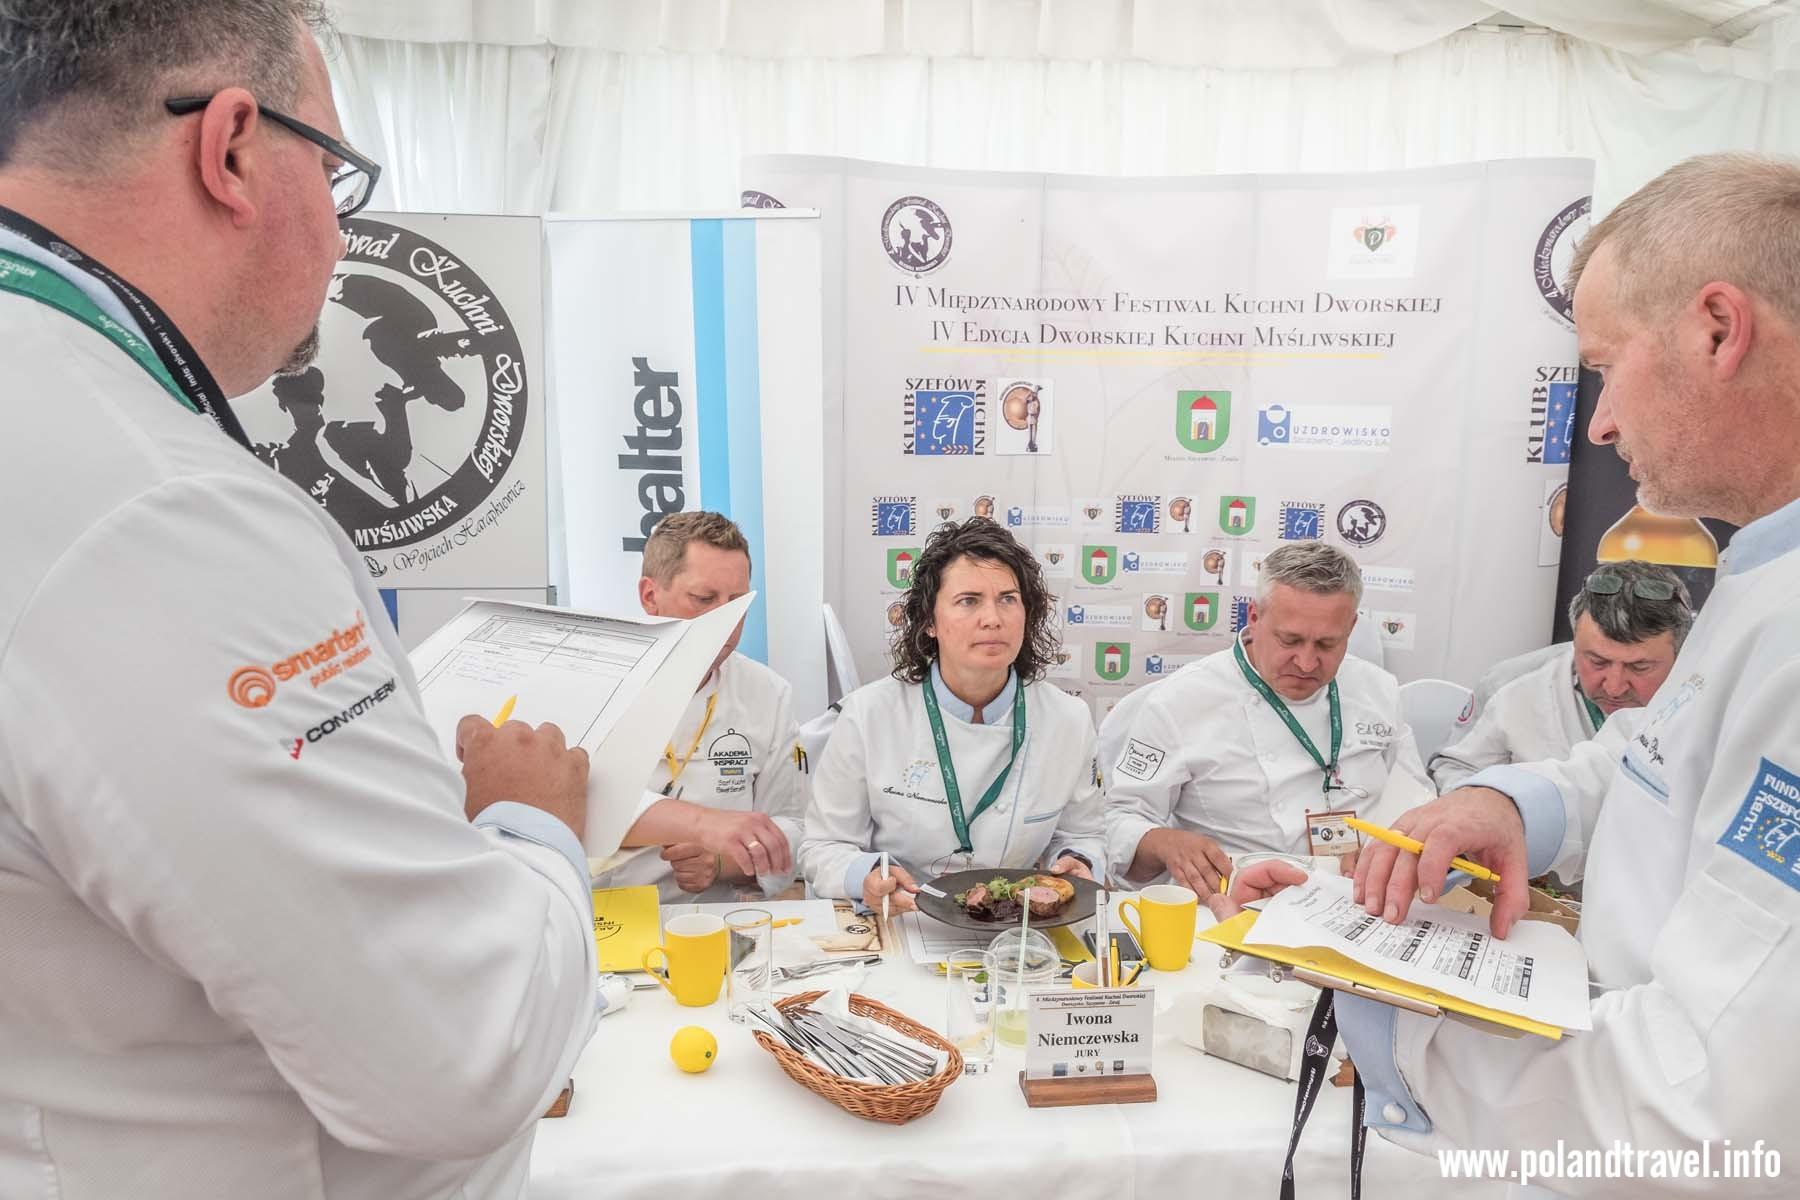 Szczawno Zdrój, Festiwal Kuchni Dworskiej, Konkurs Dworskiej Kuchni Myśliwskiej